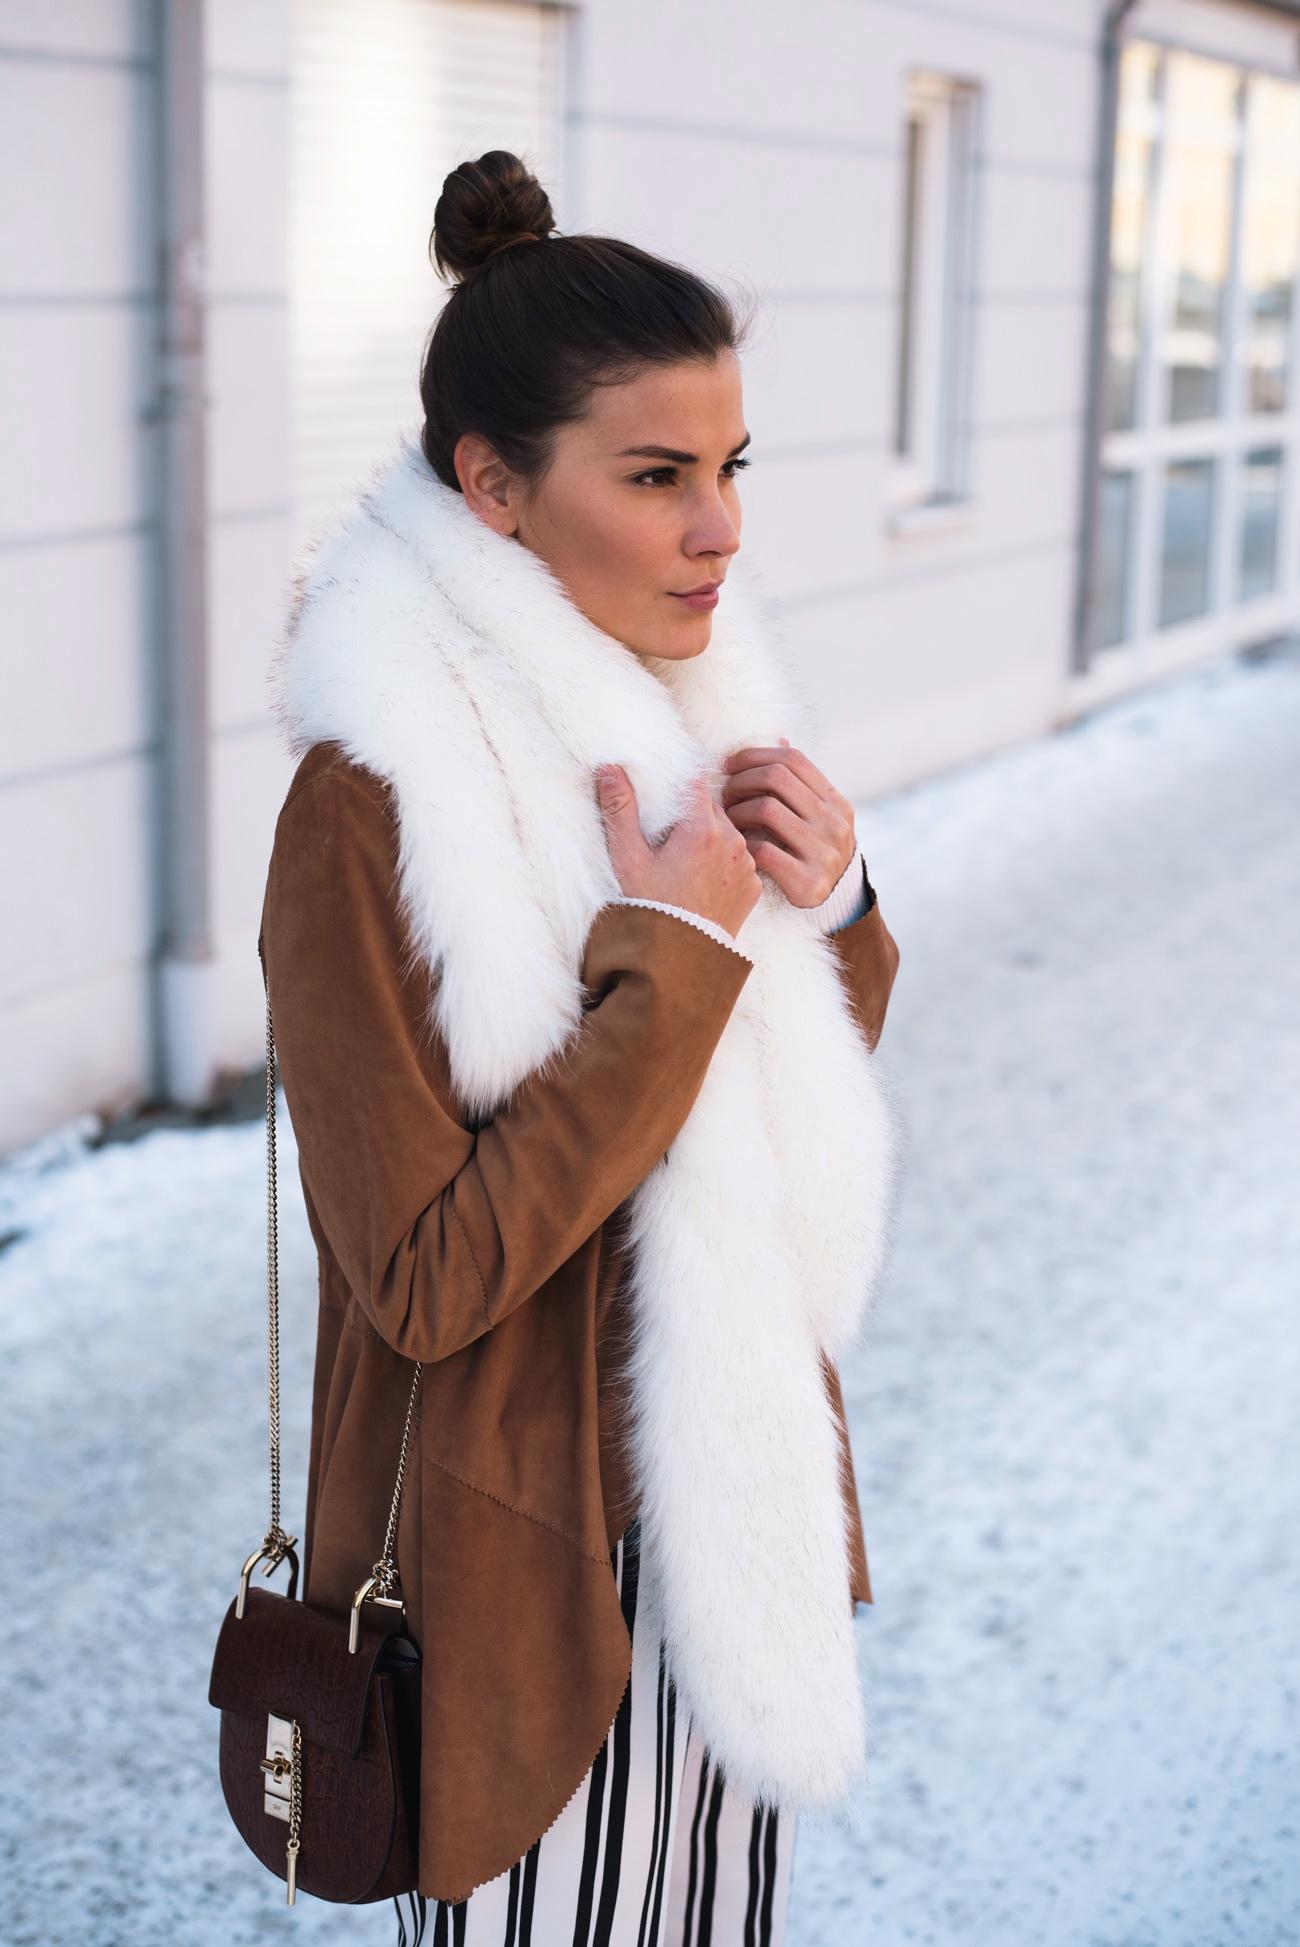 nina-schwichtenberg-vollzeit-bloggerin-deutschland-münchen-mode-lifestyle-und-reise-themen-fashiioncarpet